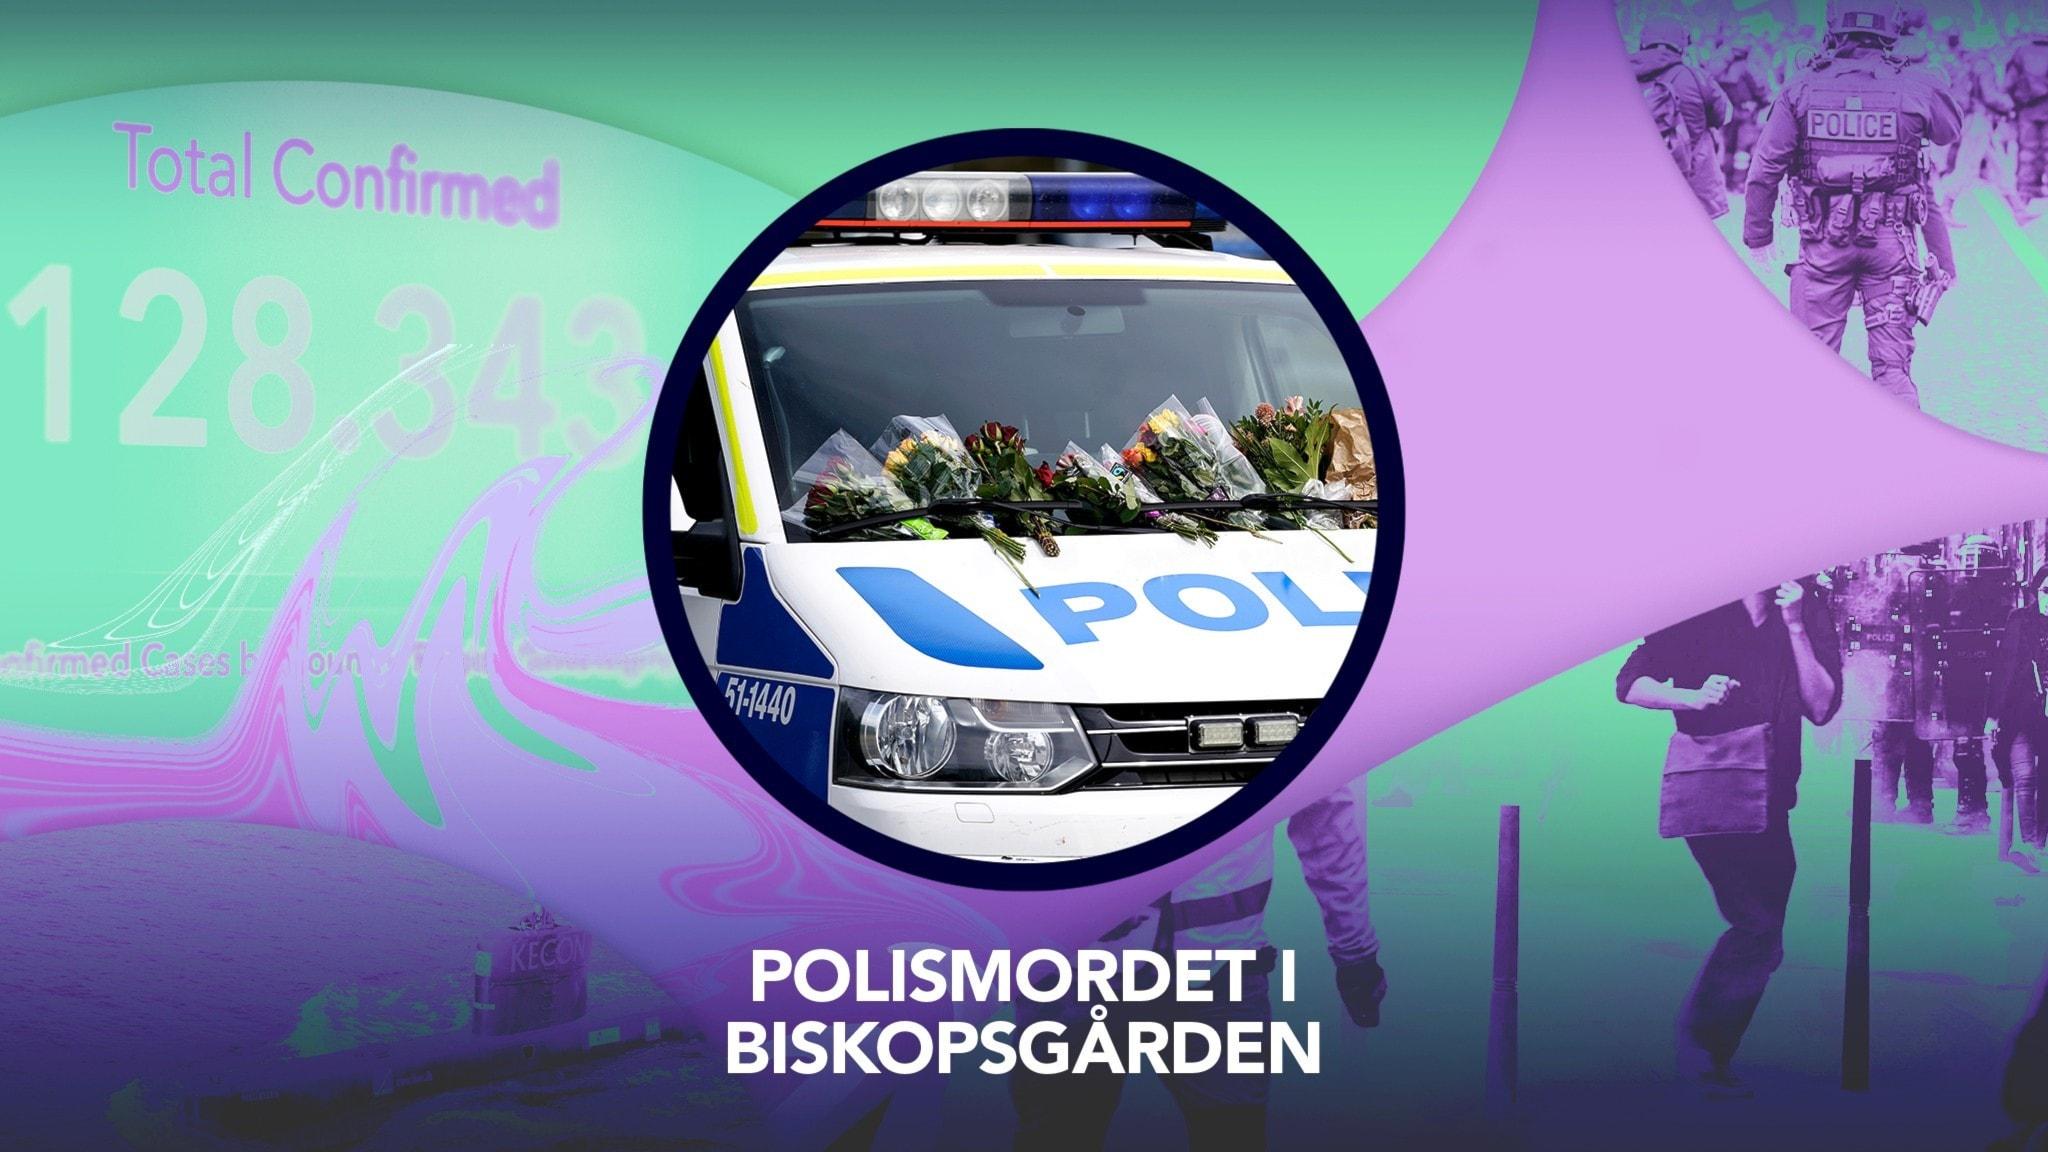 Omslagsbild P3 Nyheter Dokumentär. Polisbil med blommor på.